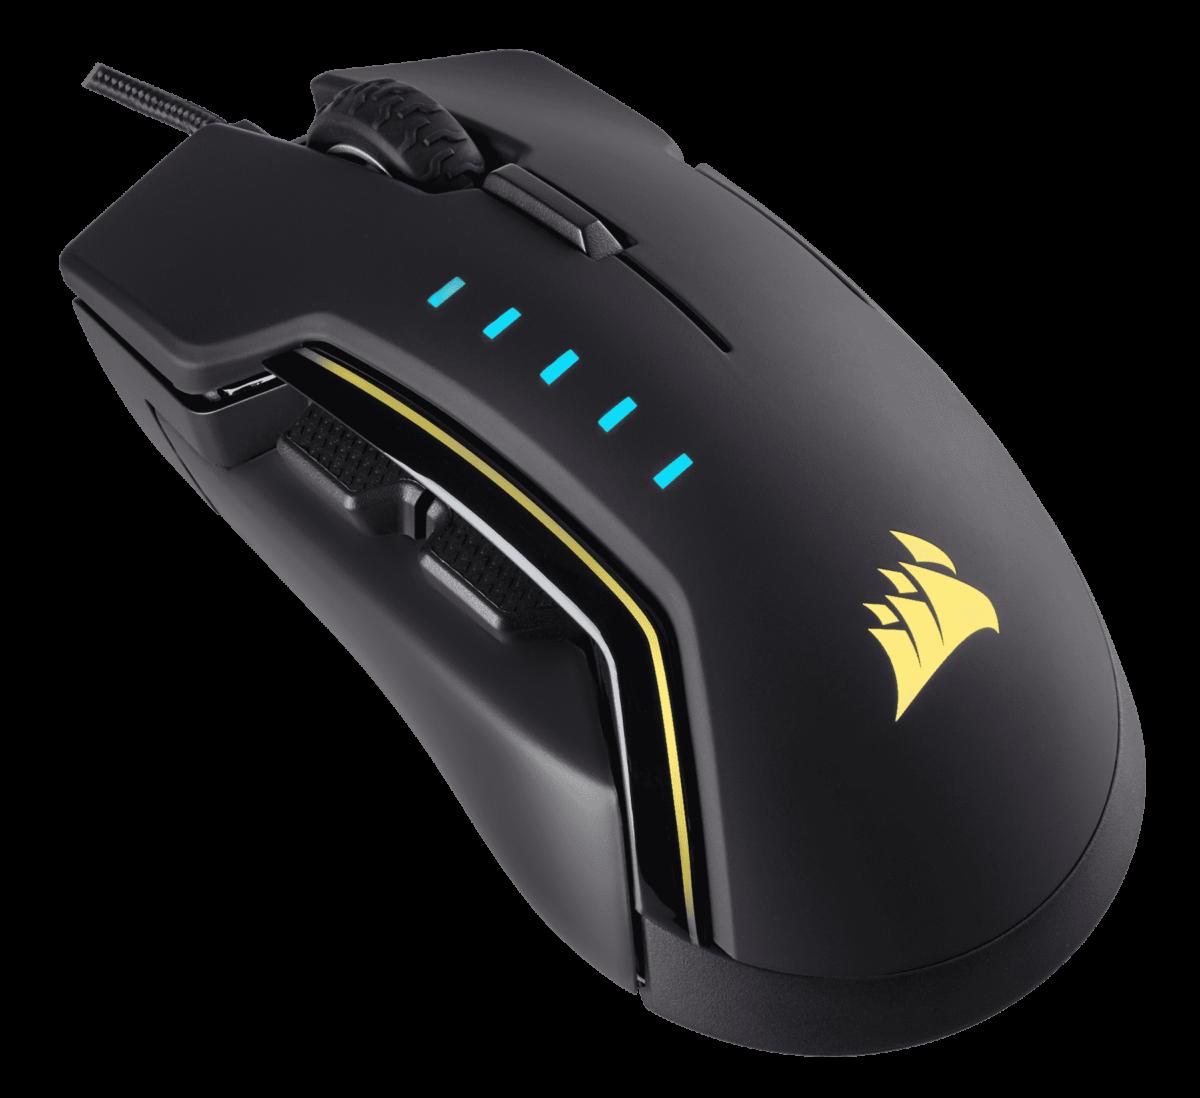 GLAIVE RGB : la nouvelle souris customisable de Corsair